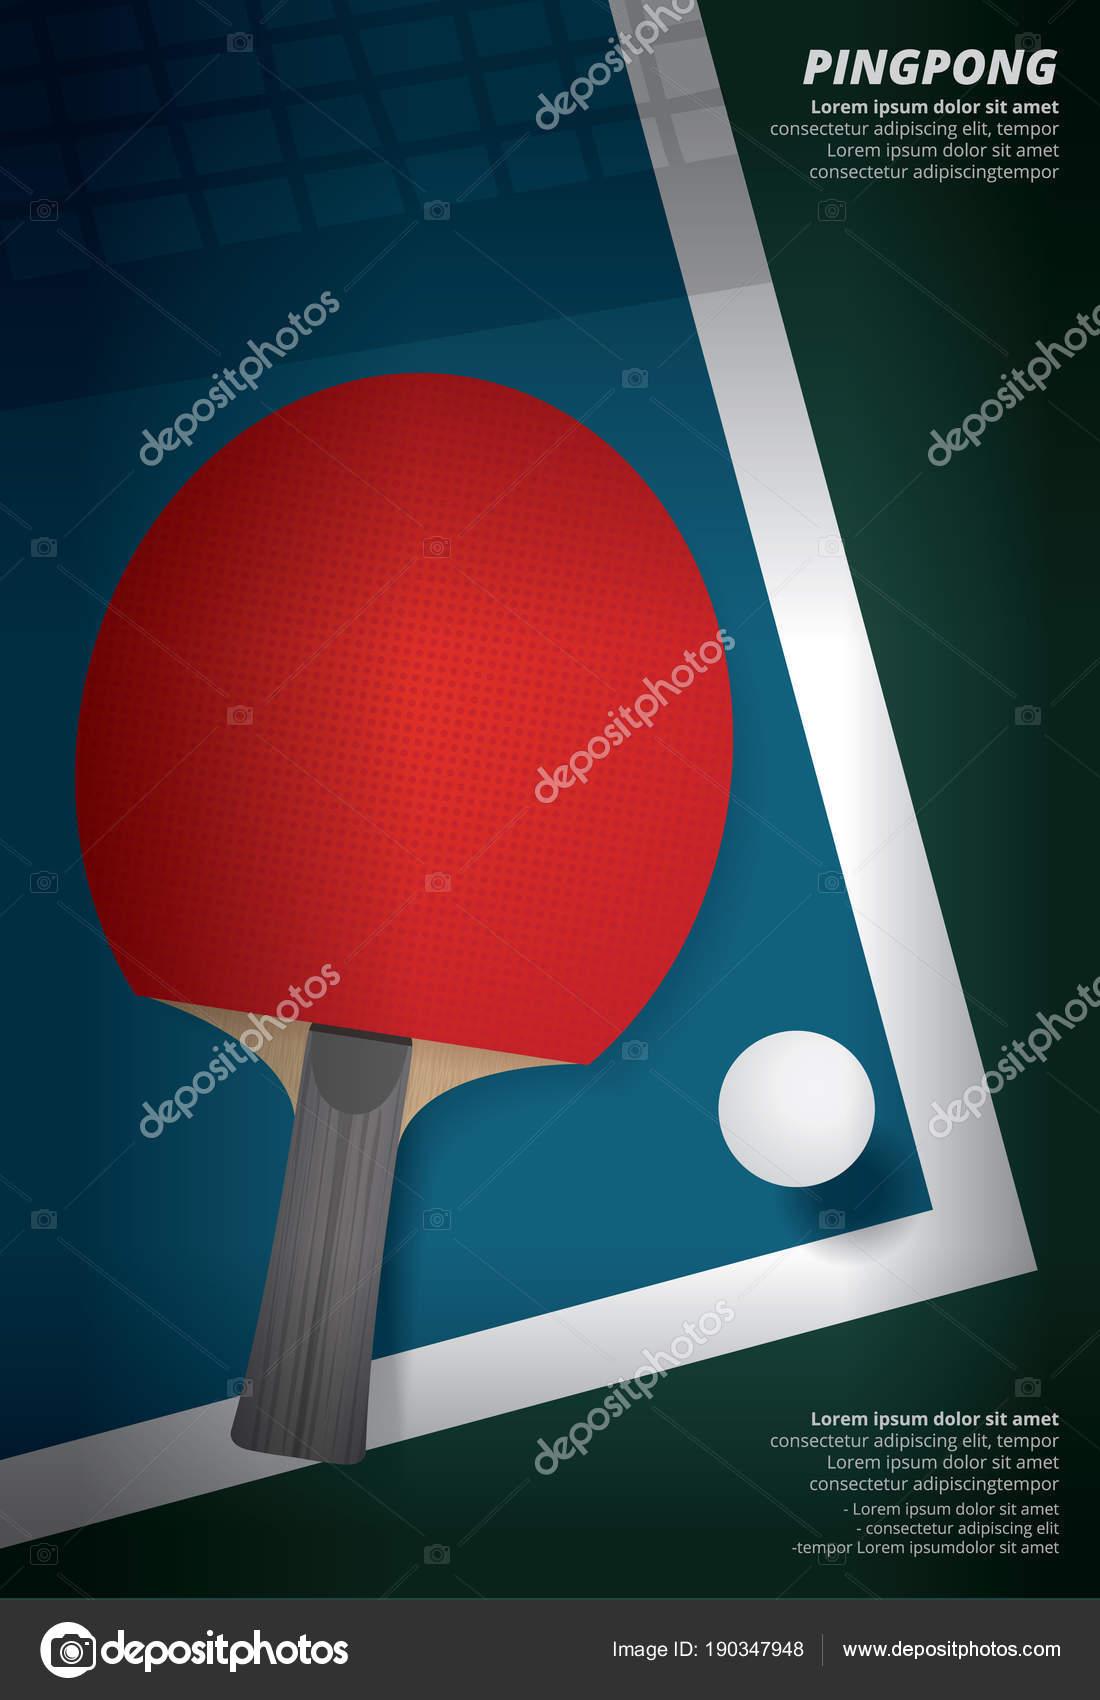 Lujoso Plantilla De Ping Pong Paddle Festooning - Ejemplo De ...